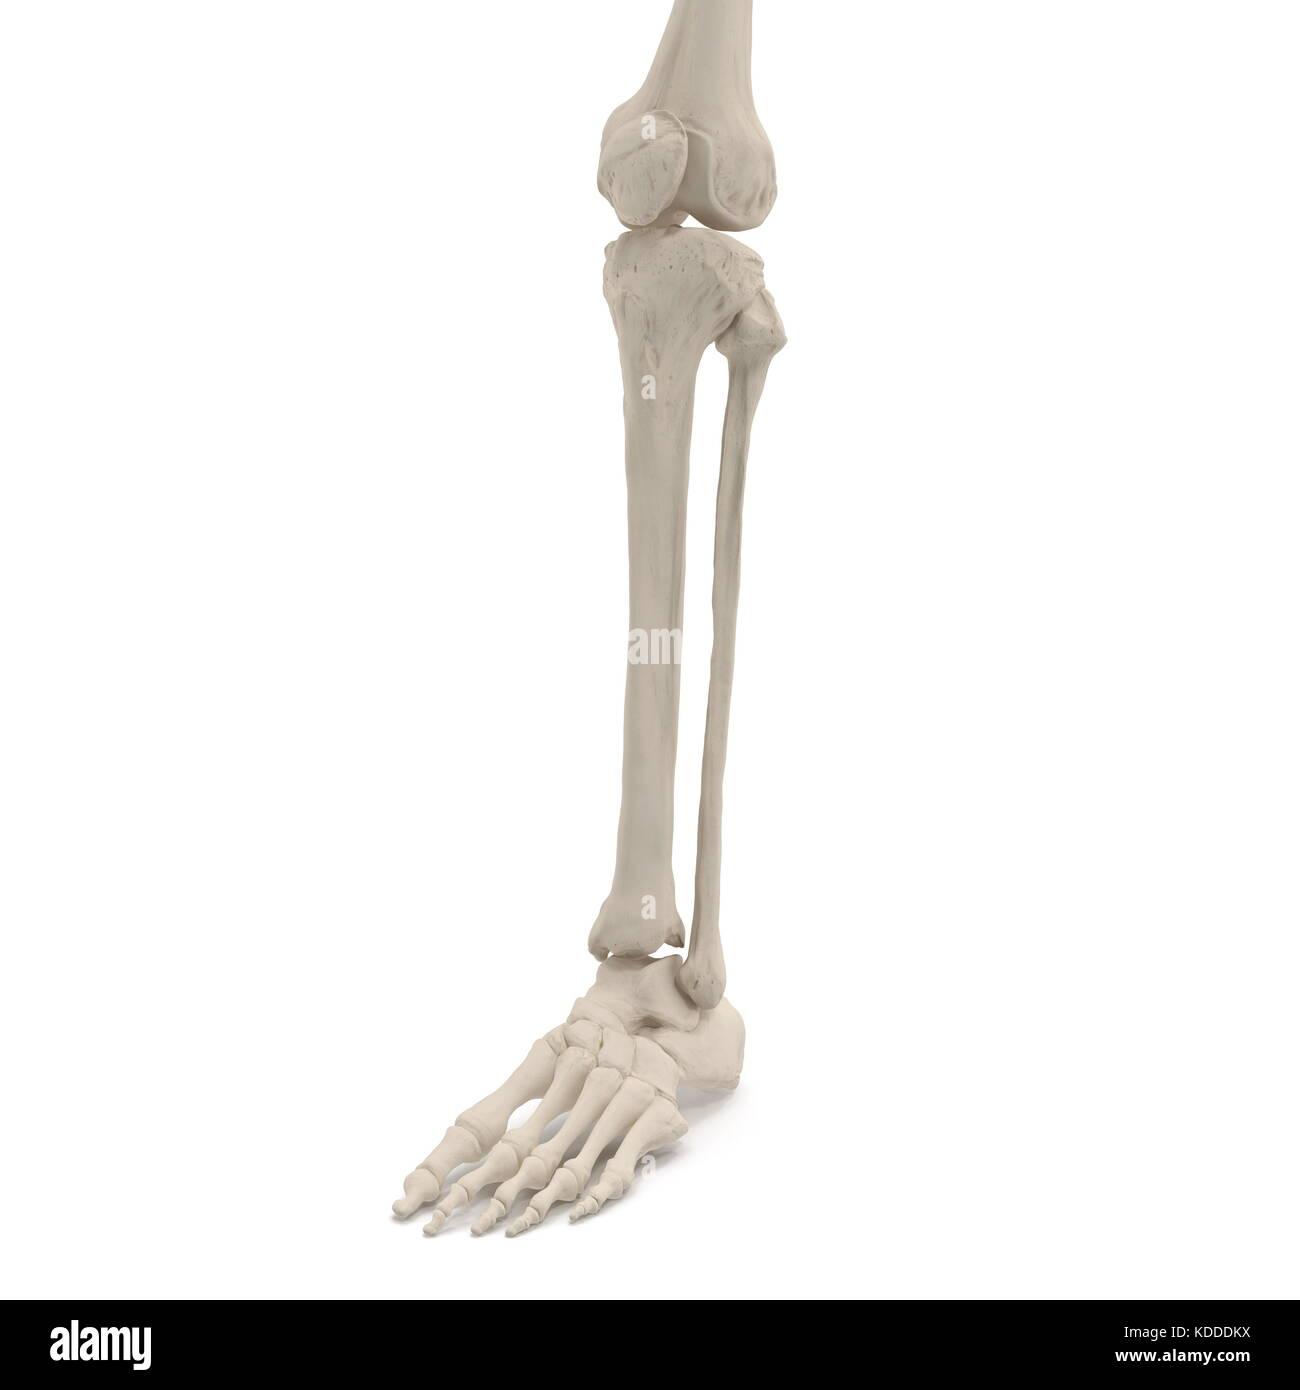 Menschlichen Beinen Skelett Knochen auf Weiß. 3D-Darstellung ...